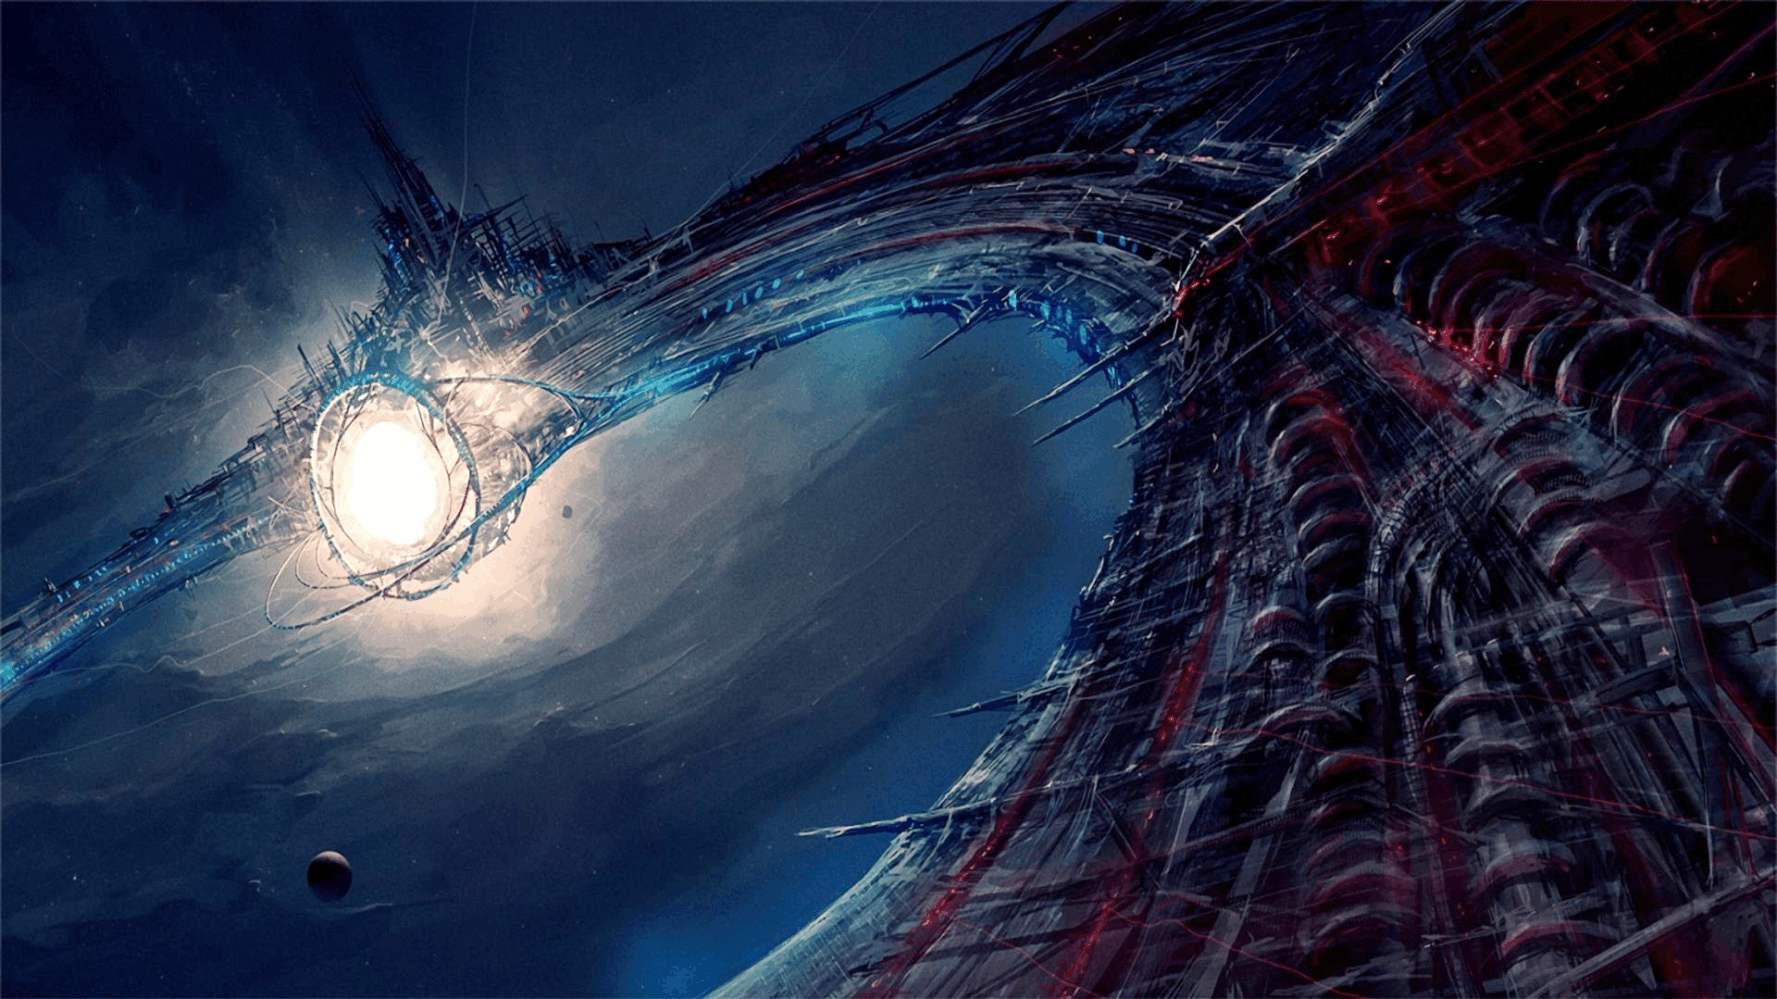 100万年后,人类的文明会到达什么等级?是否能掌控整个恒星系统